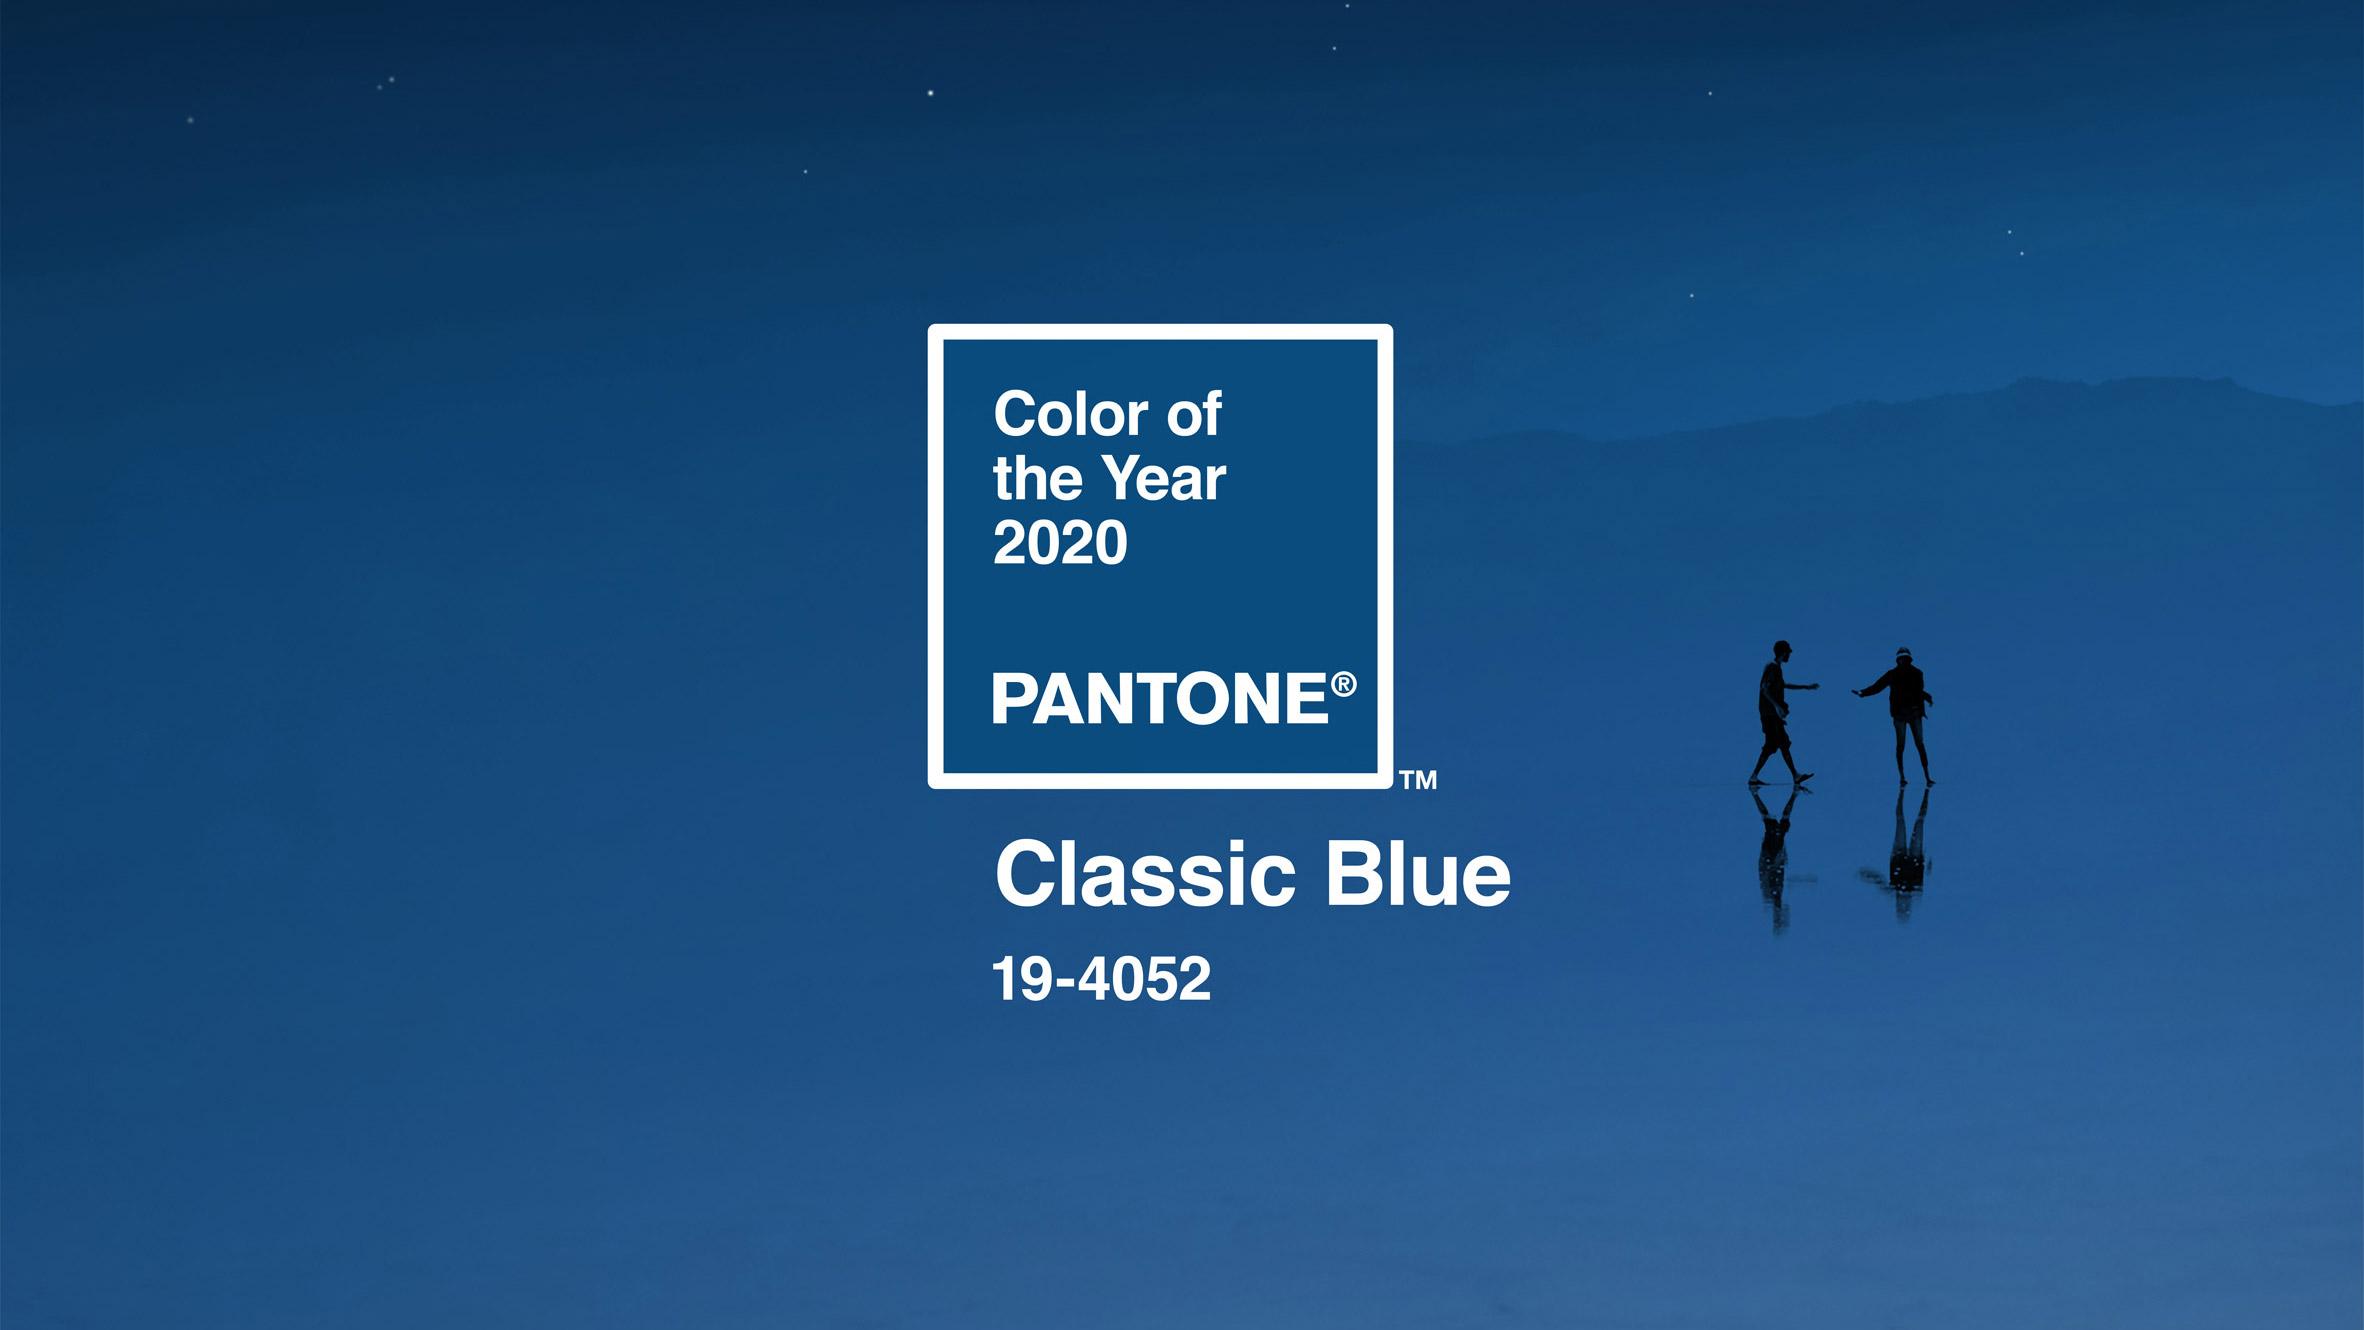 Classic Blue е цветът на 2020 според Pantone